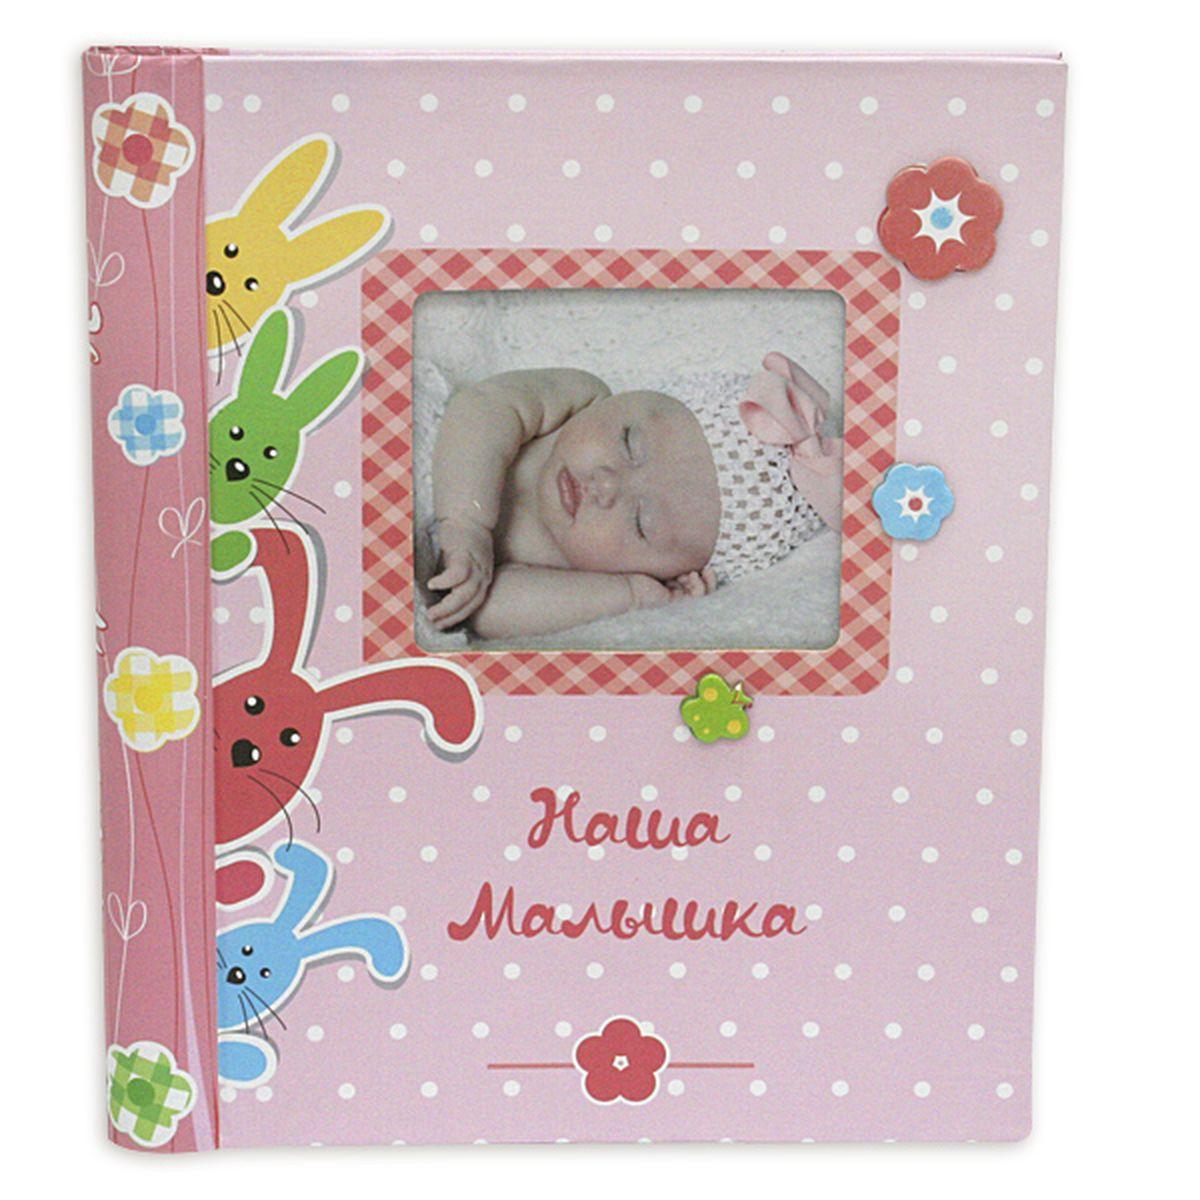 Фотокнига Pioneer Our Baby 6, цвет: розовый, 23 x 28 см46428 FAОсобенности - 20 страниц-анкет для заполнения, рамка для фото тип - фотокнига размещение - 20 фотографий тип скрепления - спираль формат фотографий - 23*28см материал страниц - бумага тип страниц - магнитный